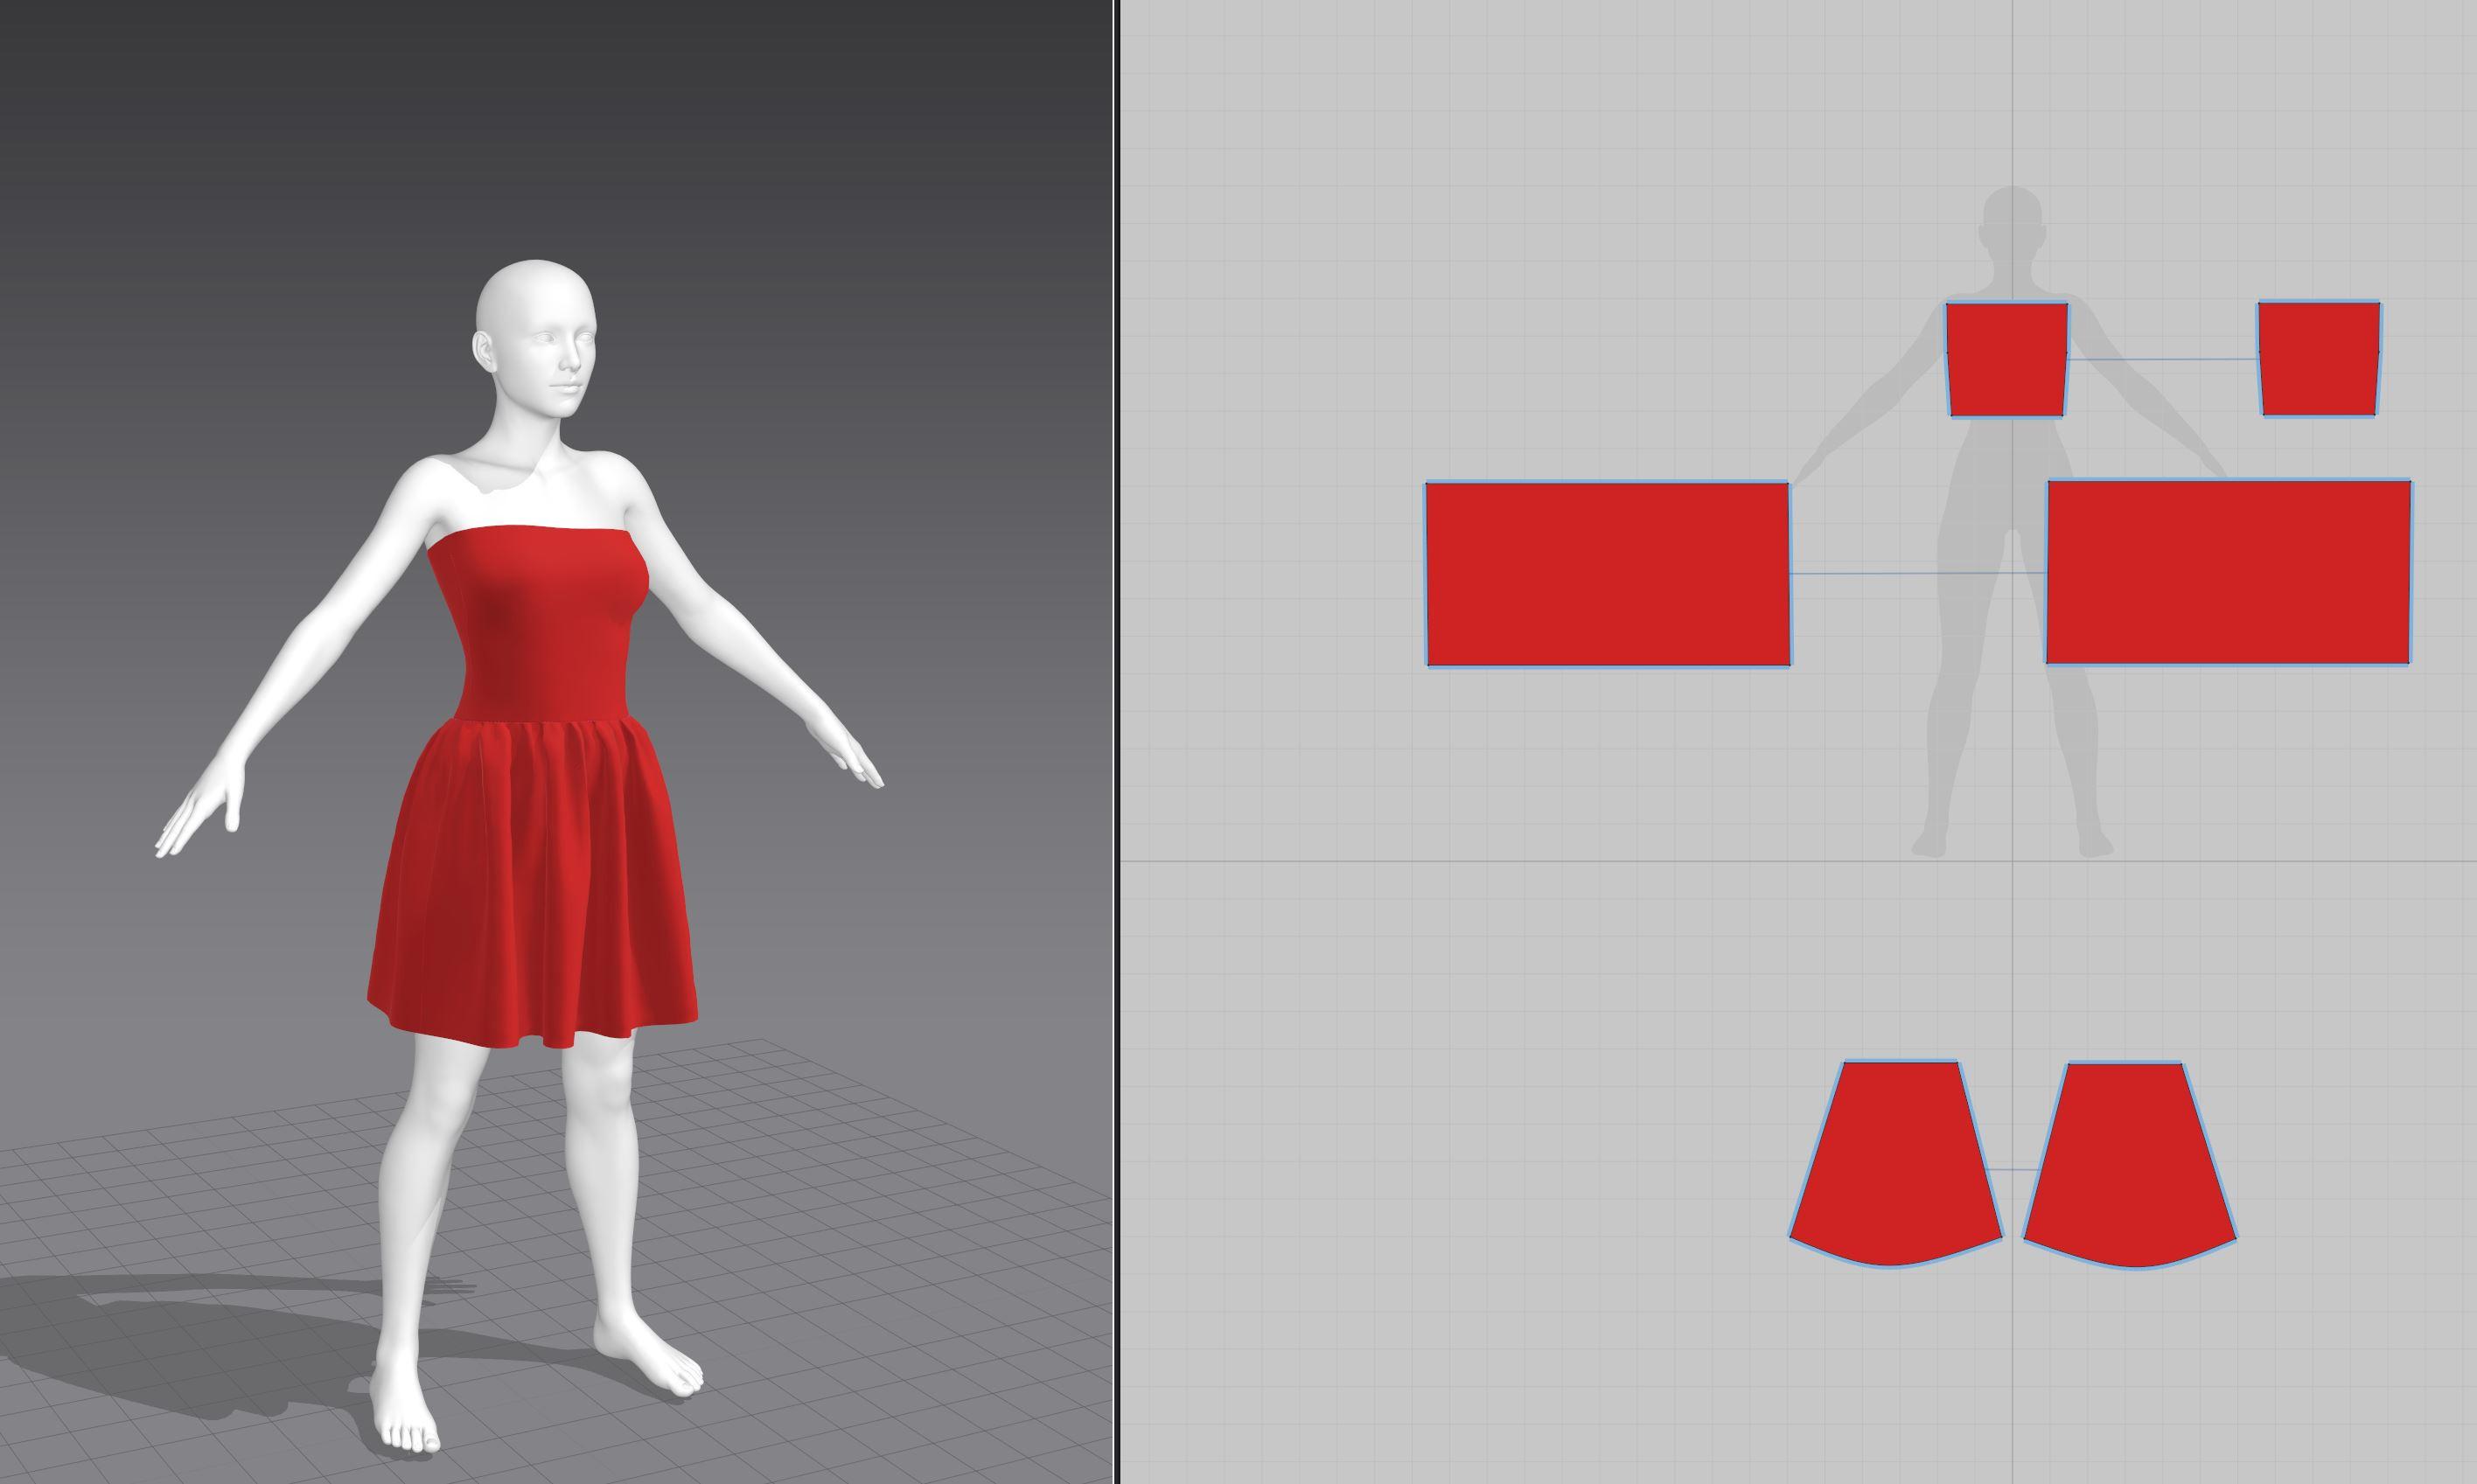 Marvelous stage (Modelling basemesh for dress)